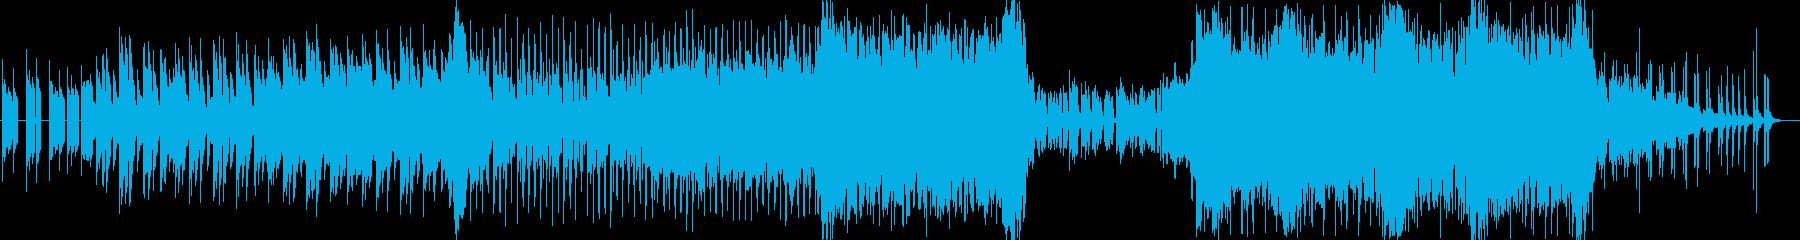 【ピアノ】ほのぼの 鼓笛隊【木琴】の再生済みの波形